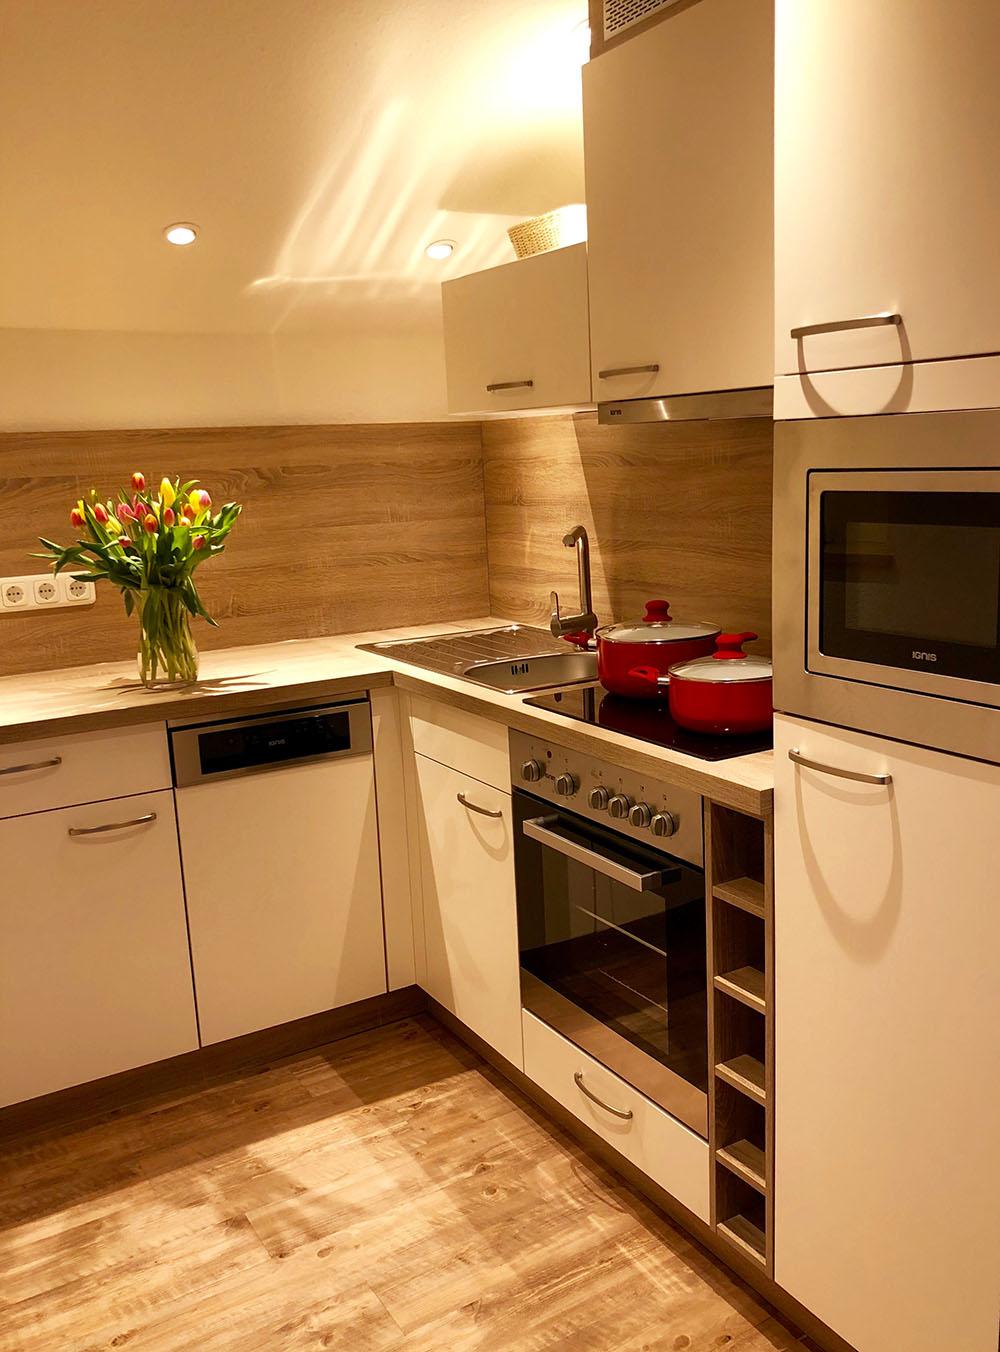 Komfort-Küche mit Spülmaschine, 4-Platten-Herd + Backofen u. Mikrowelle.